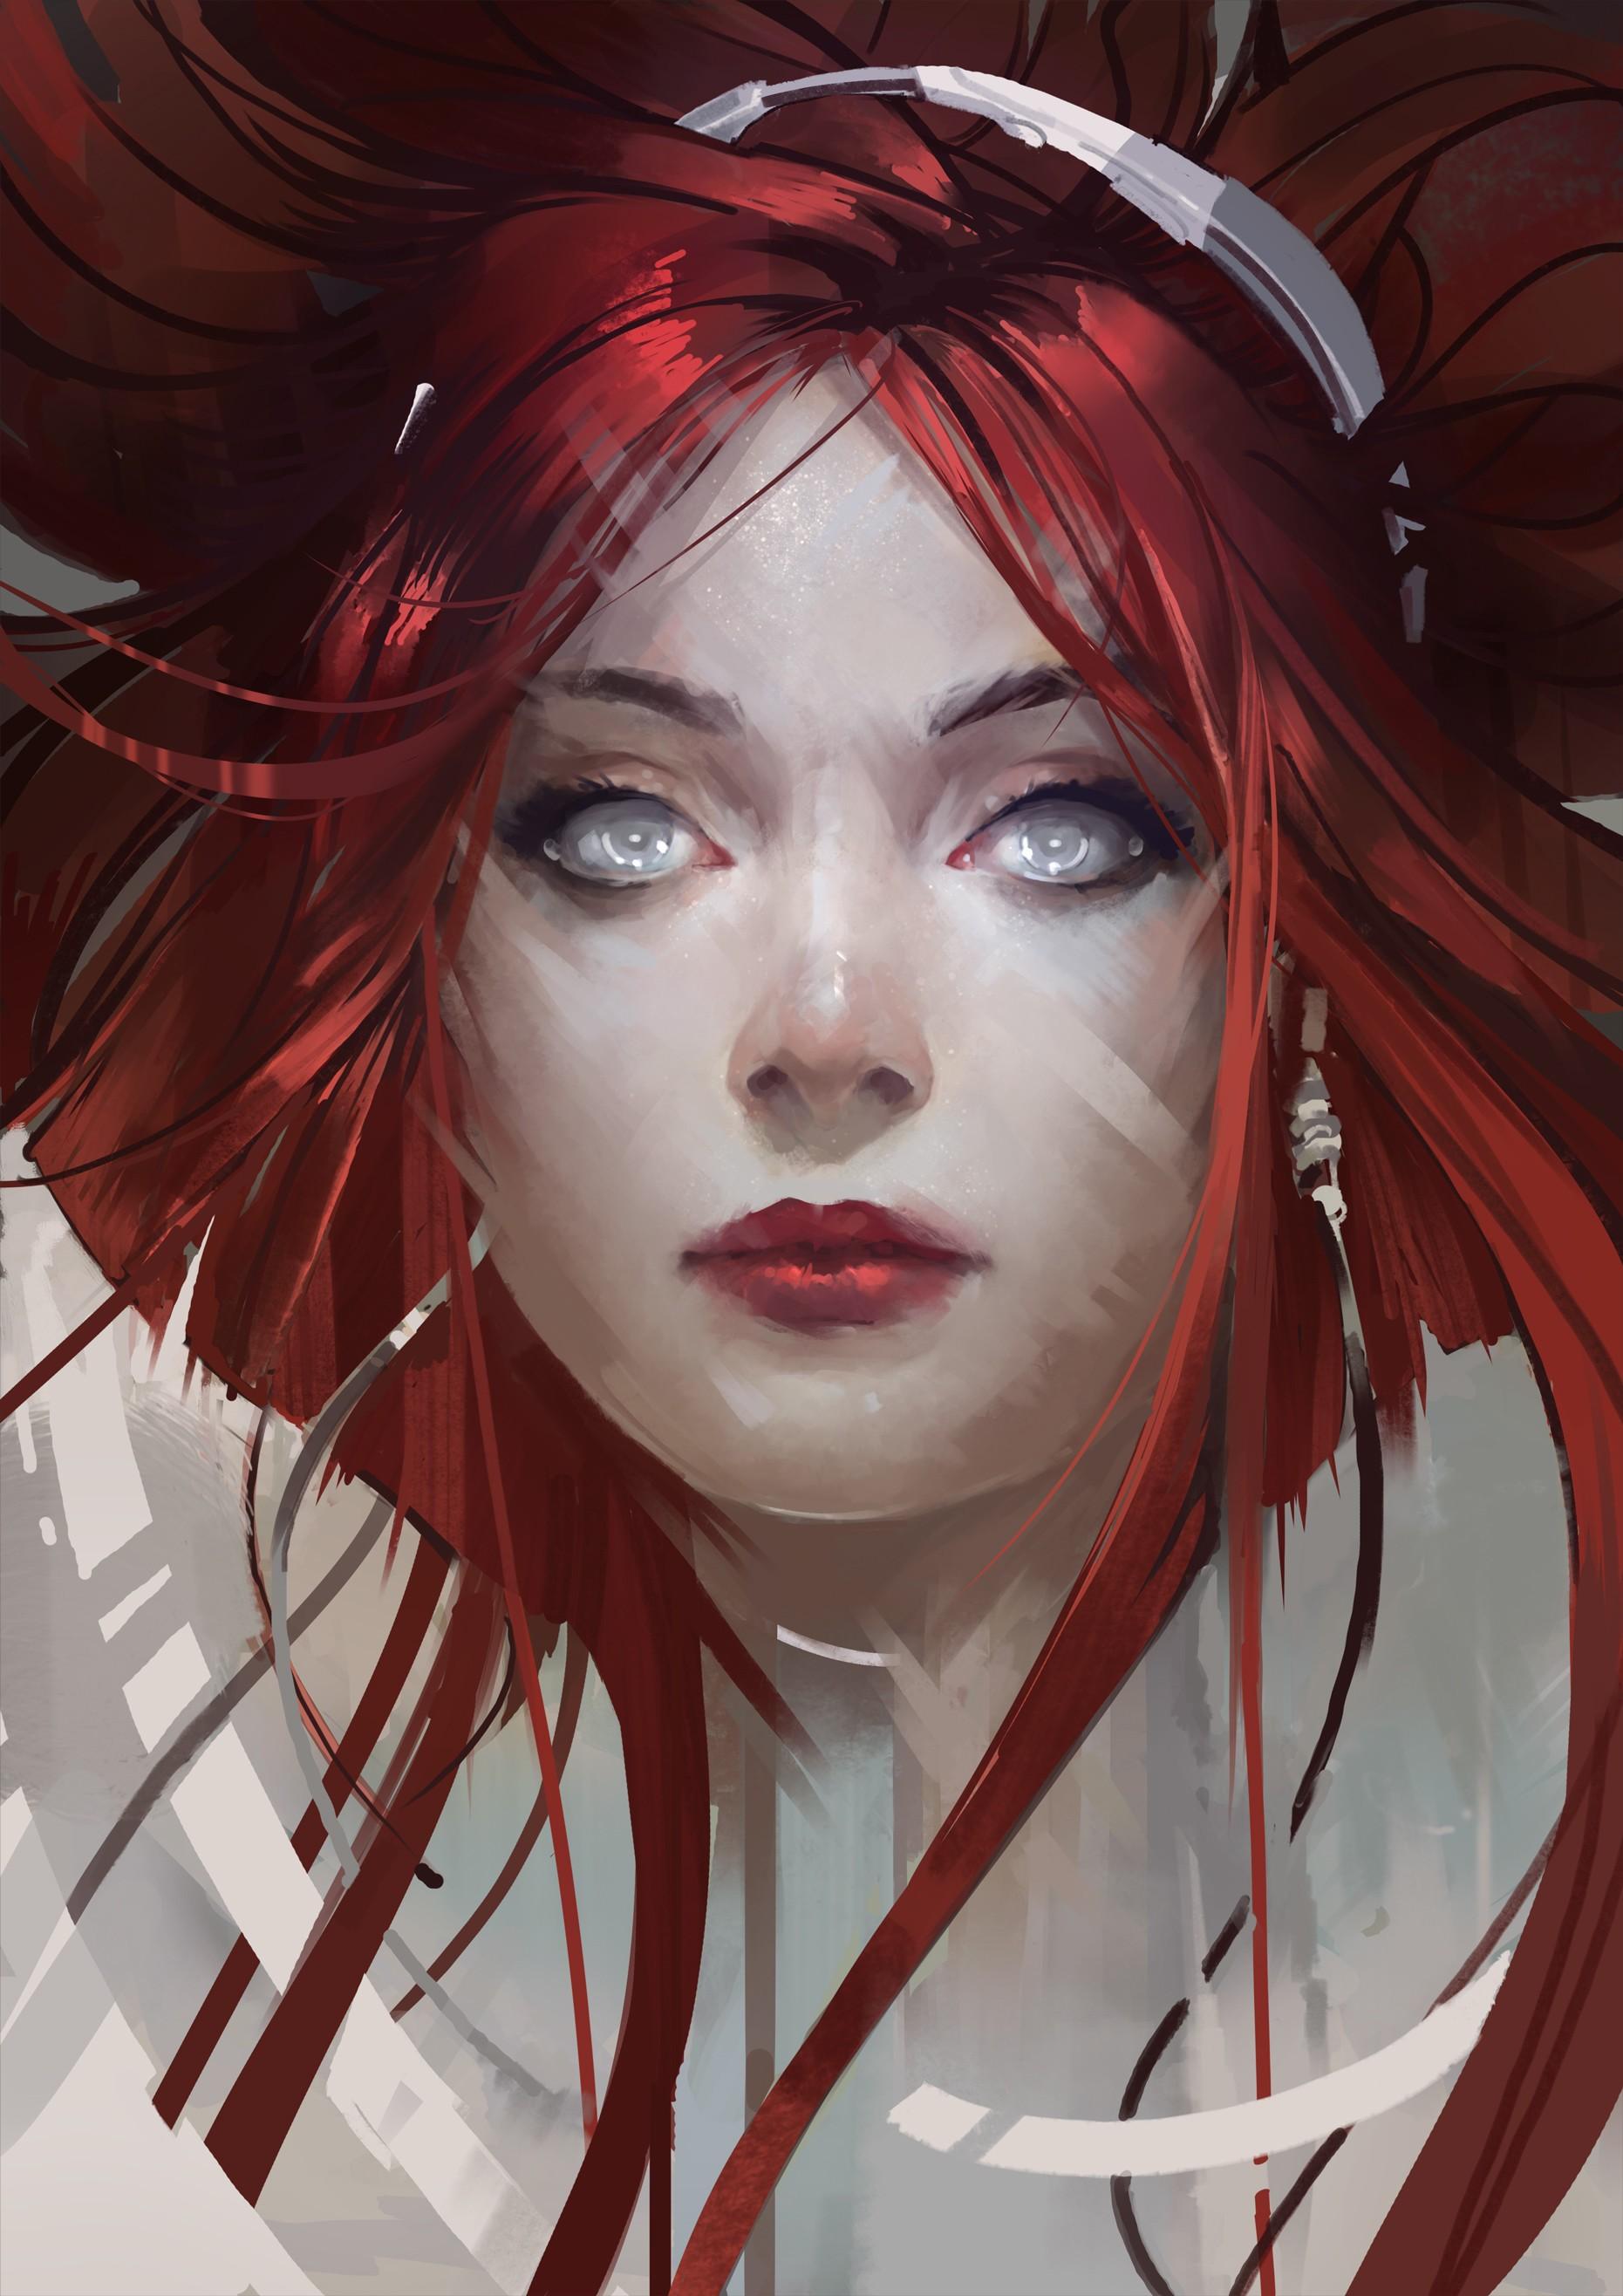 Wallpaper : face, illustration, anime girls, red, hair, 8D, fan